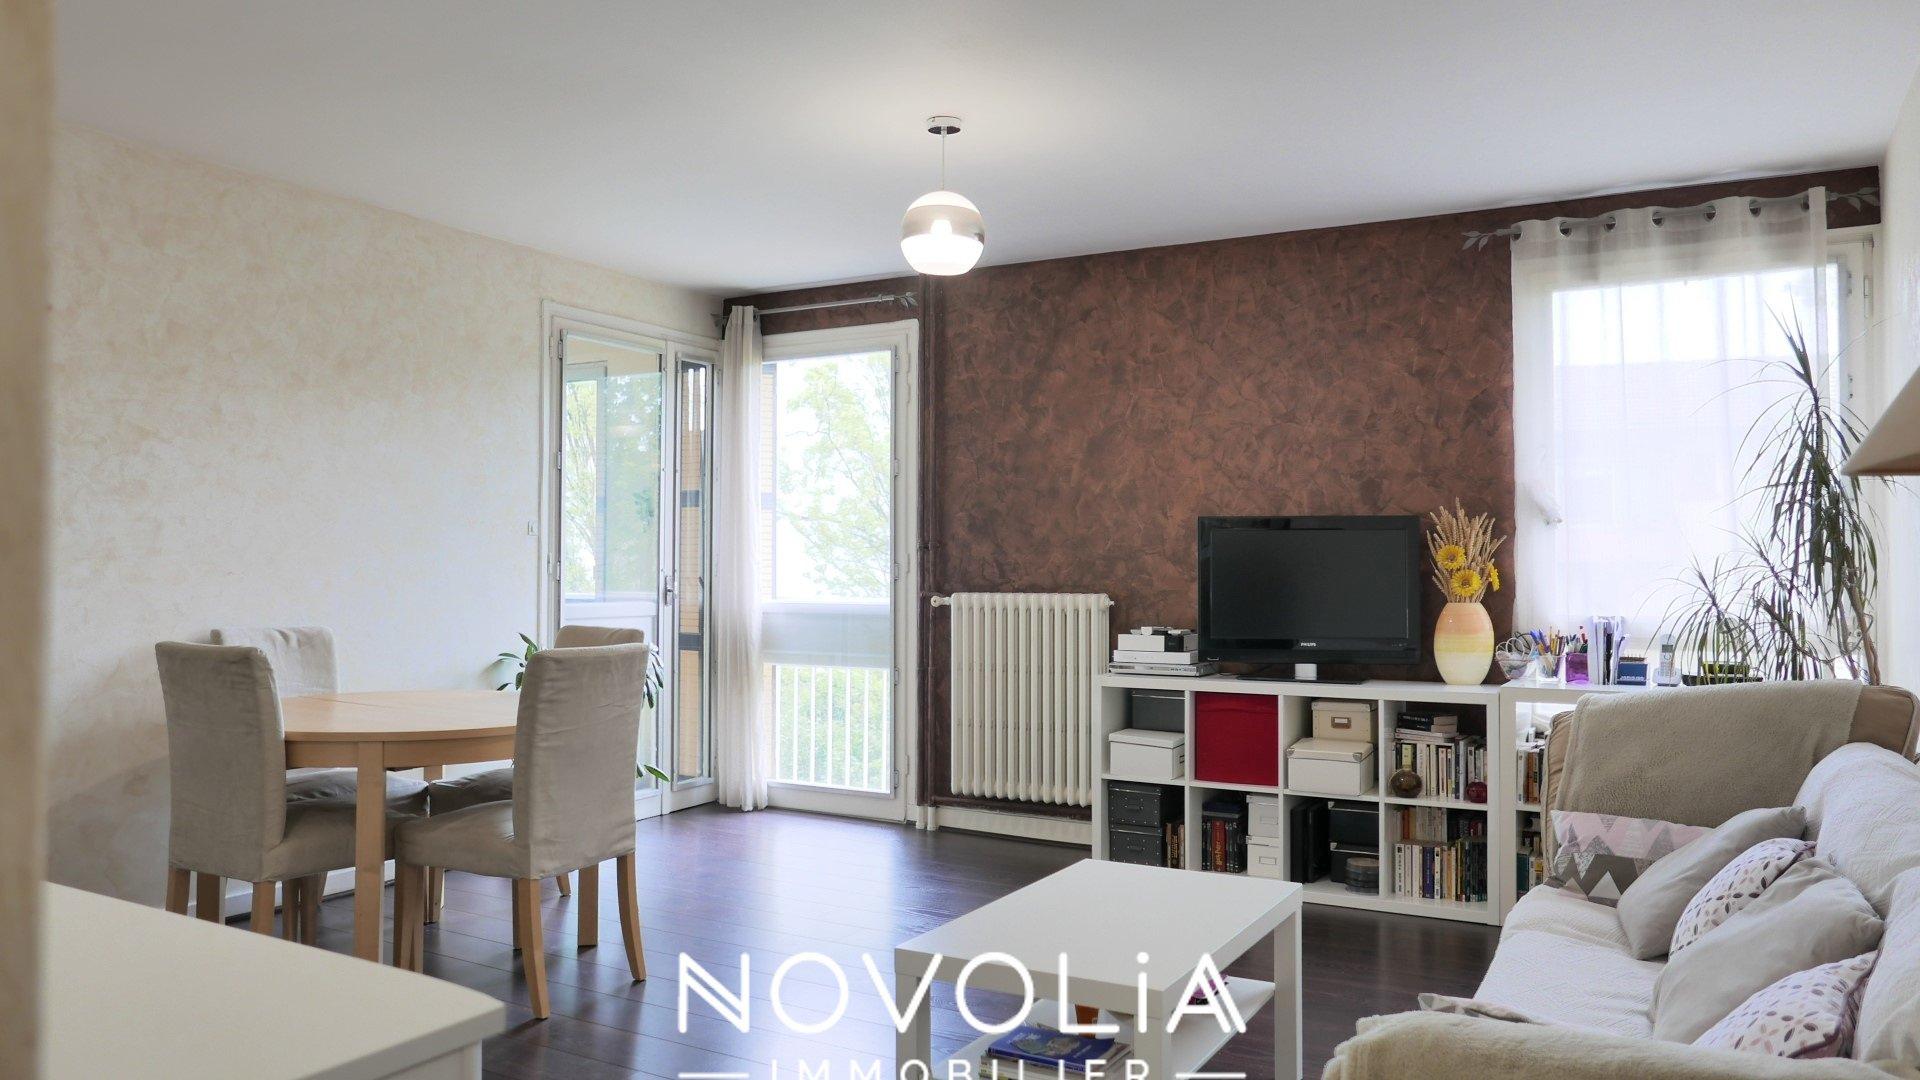 Achat Appartement, Surface de 70.09 m²/ Total carrez : 70 m², 3 pièces, Vénissieux (69200)